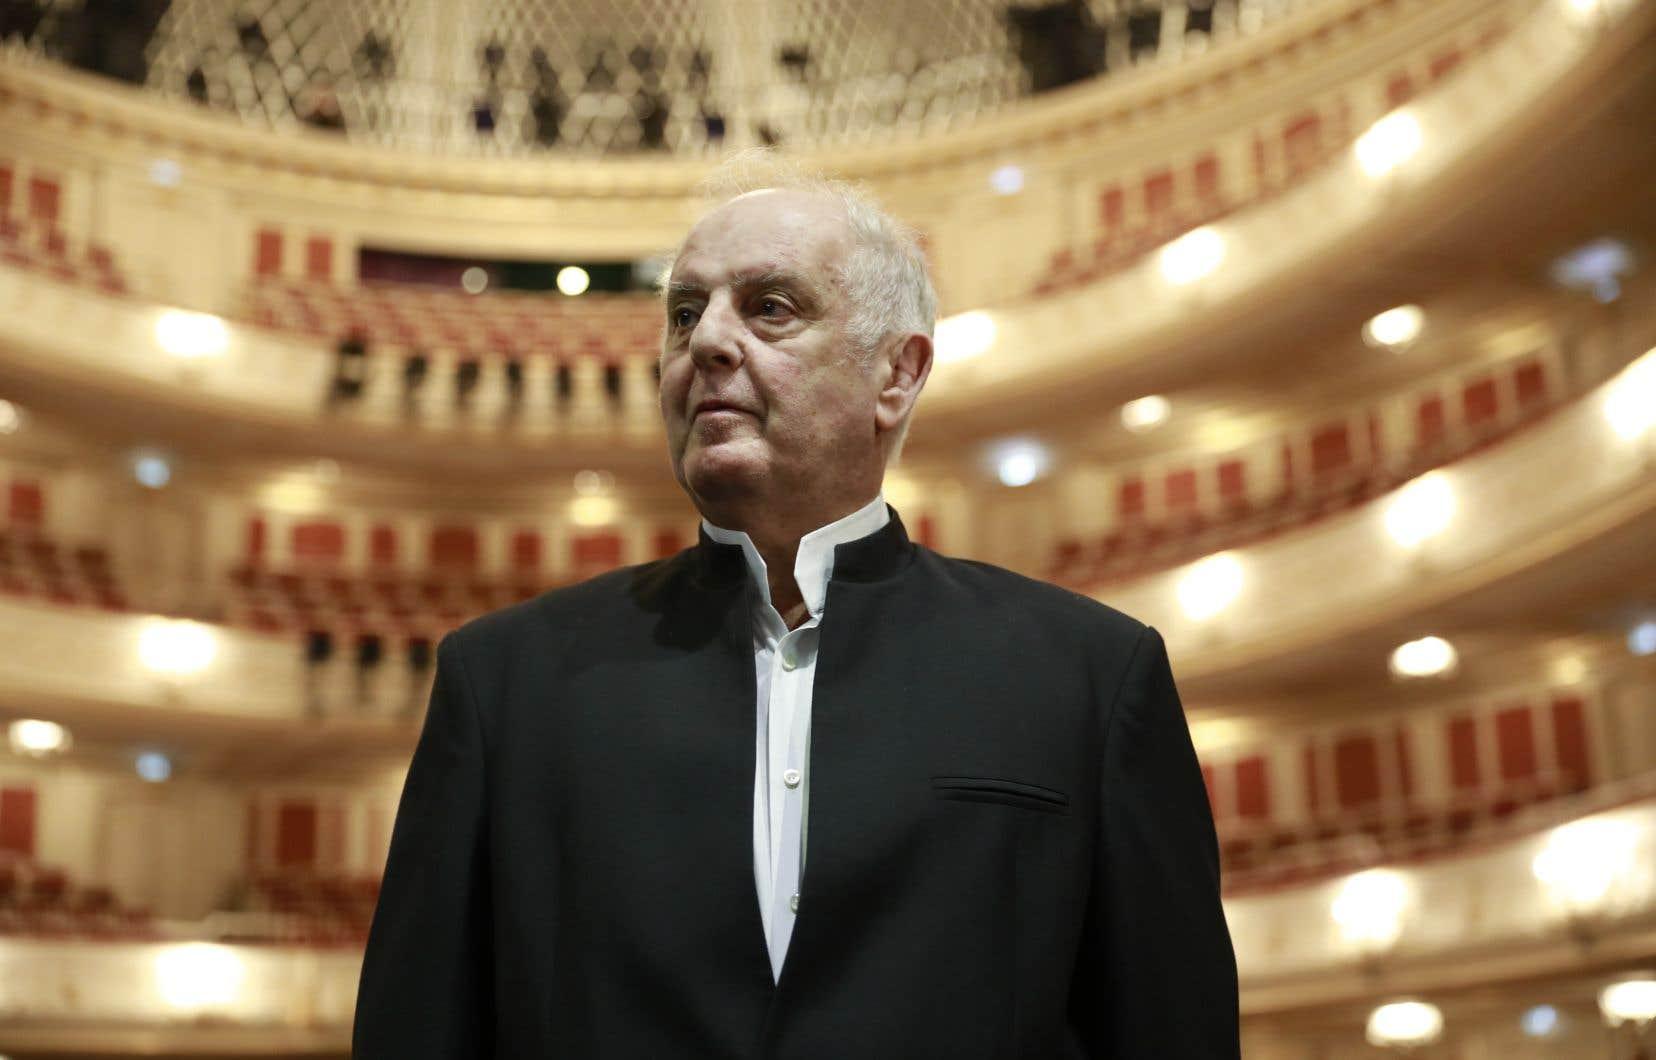 Pour le chef israélo-argentin Daniel Barenboim, cette campagne est liée aux négociations en cours pour qu'il soit prolongé au poste de directeur musical de l'orchestre.